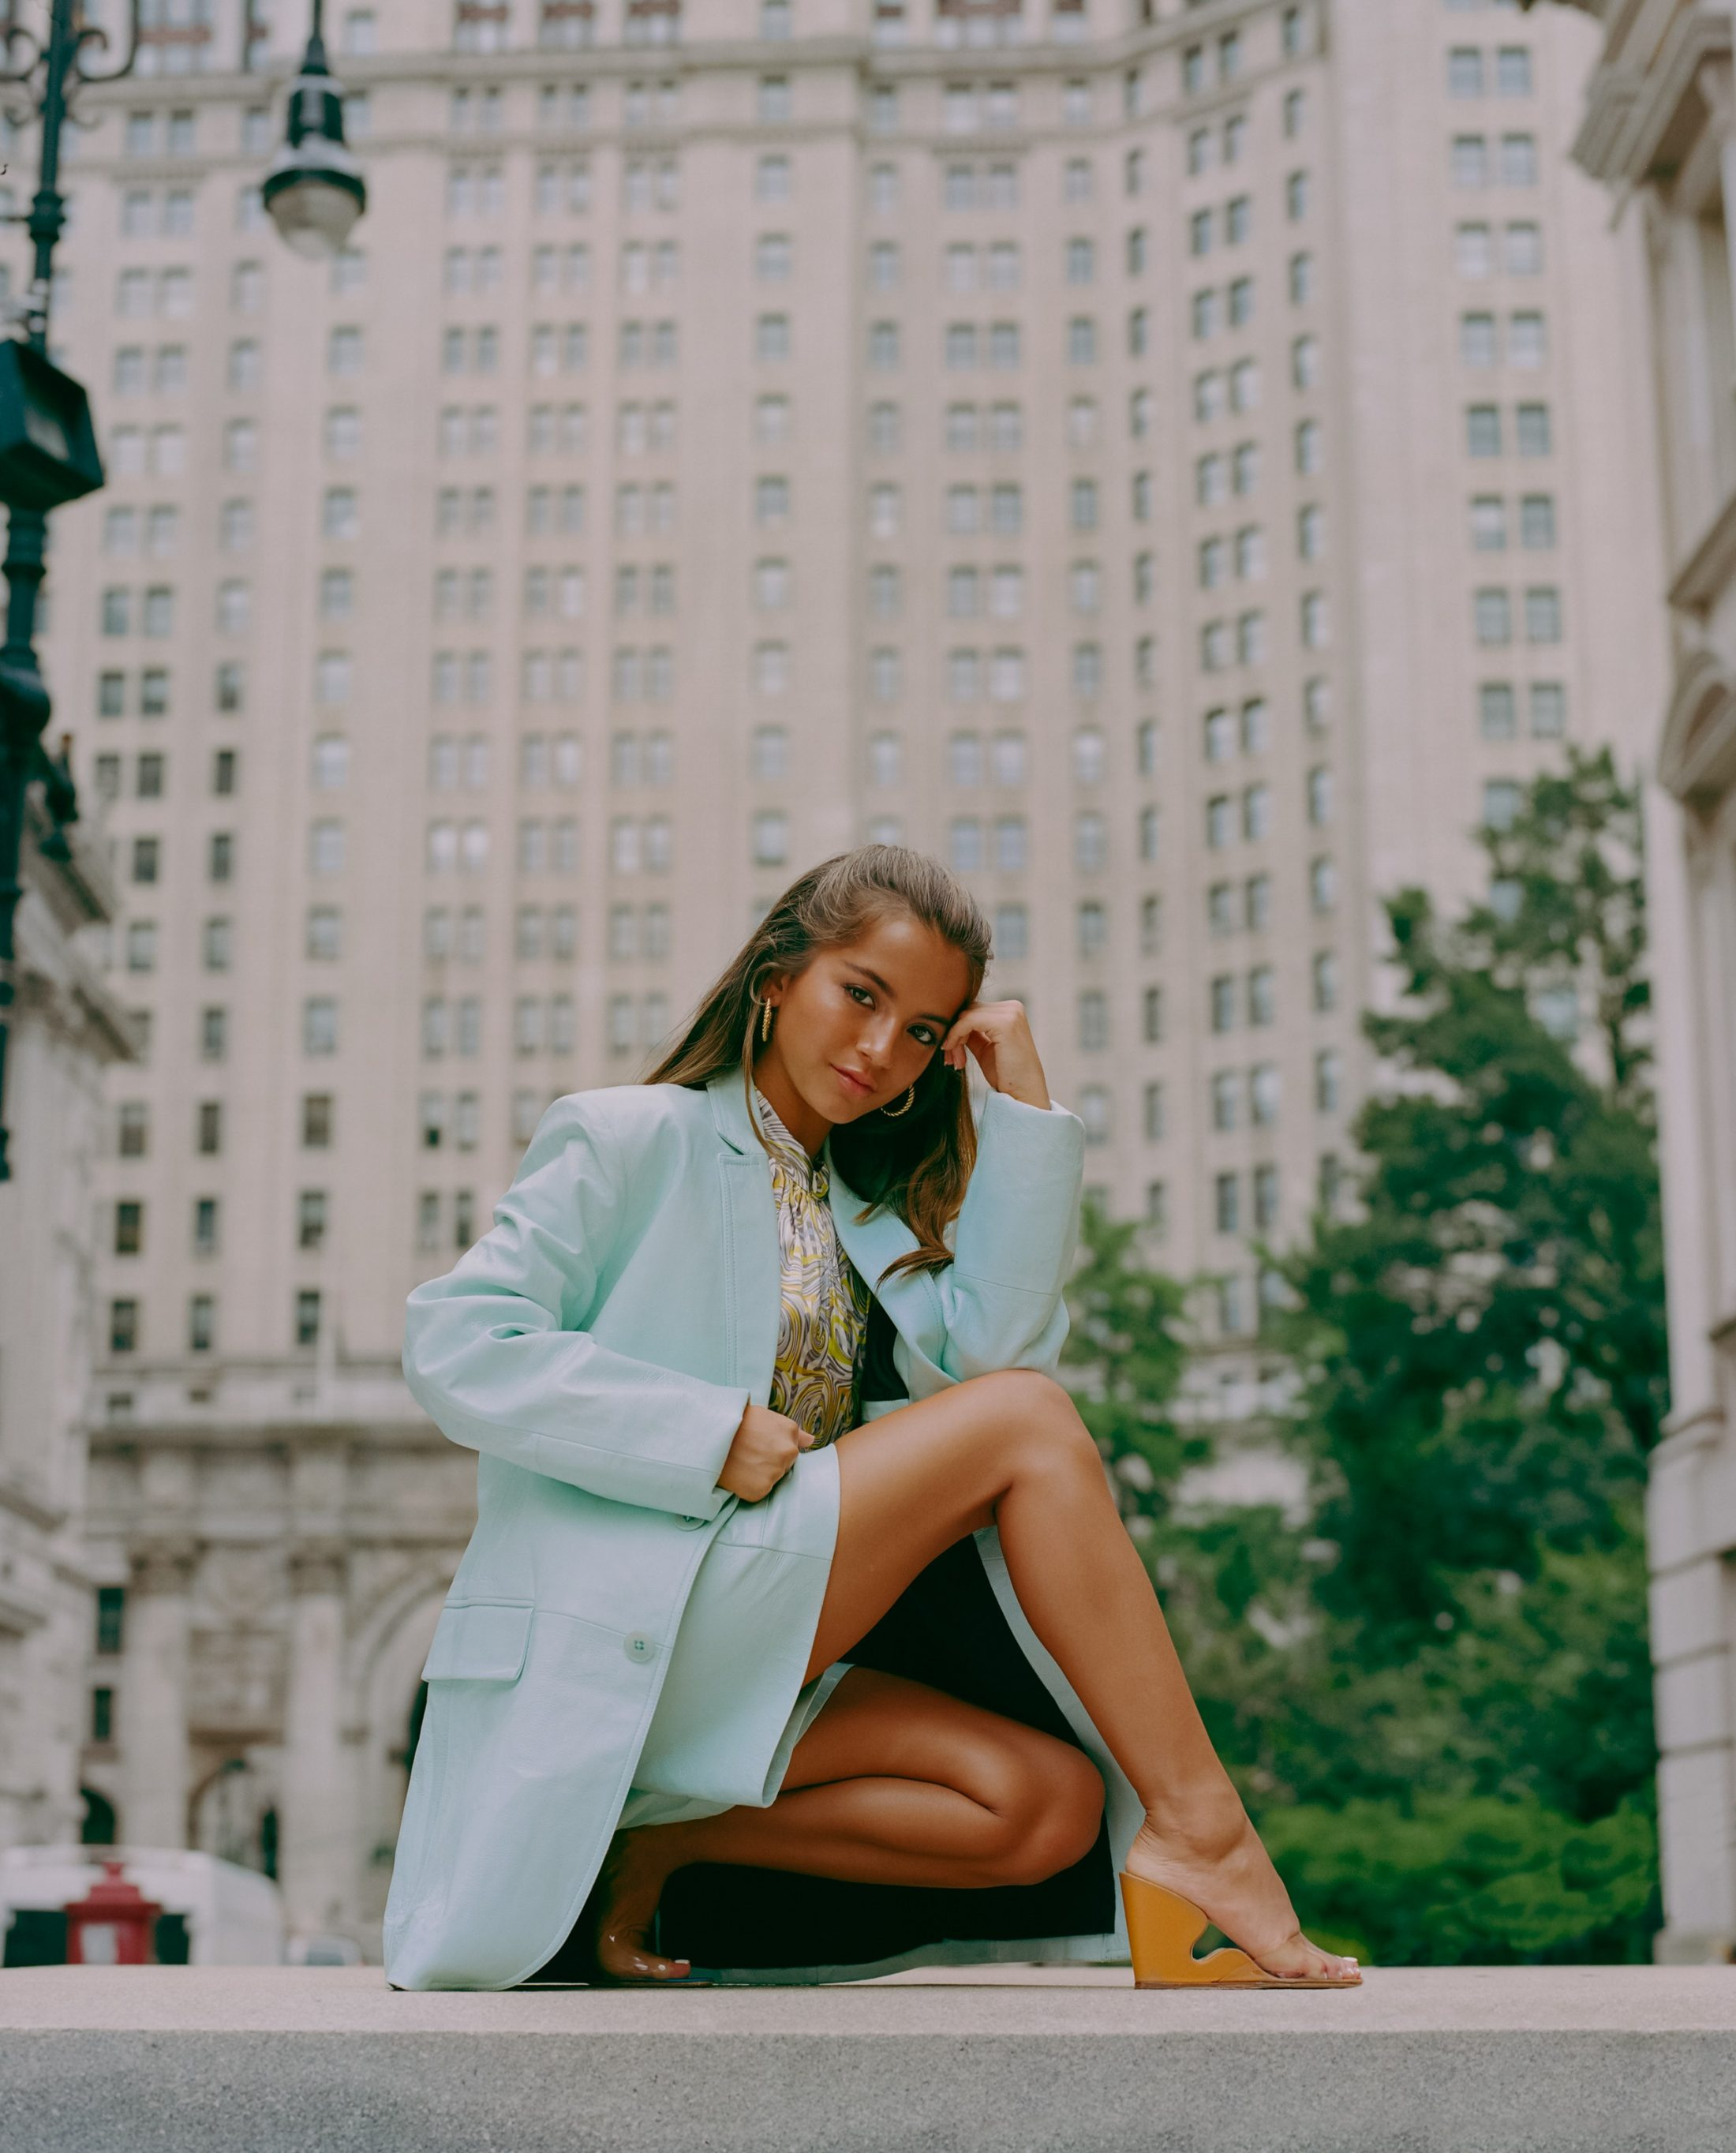 Isabela Moner - Teen Vogue - August 2019 issue